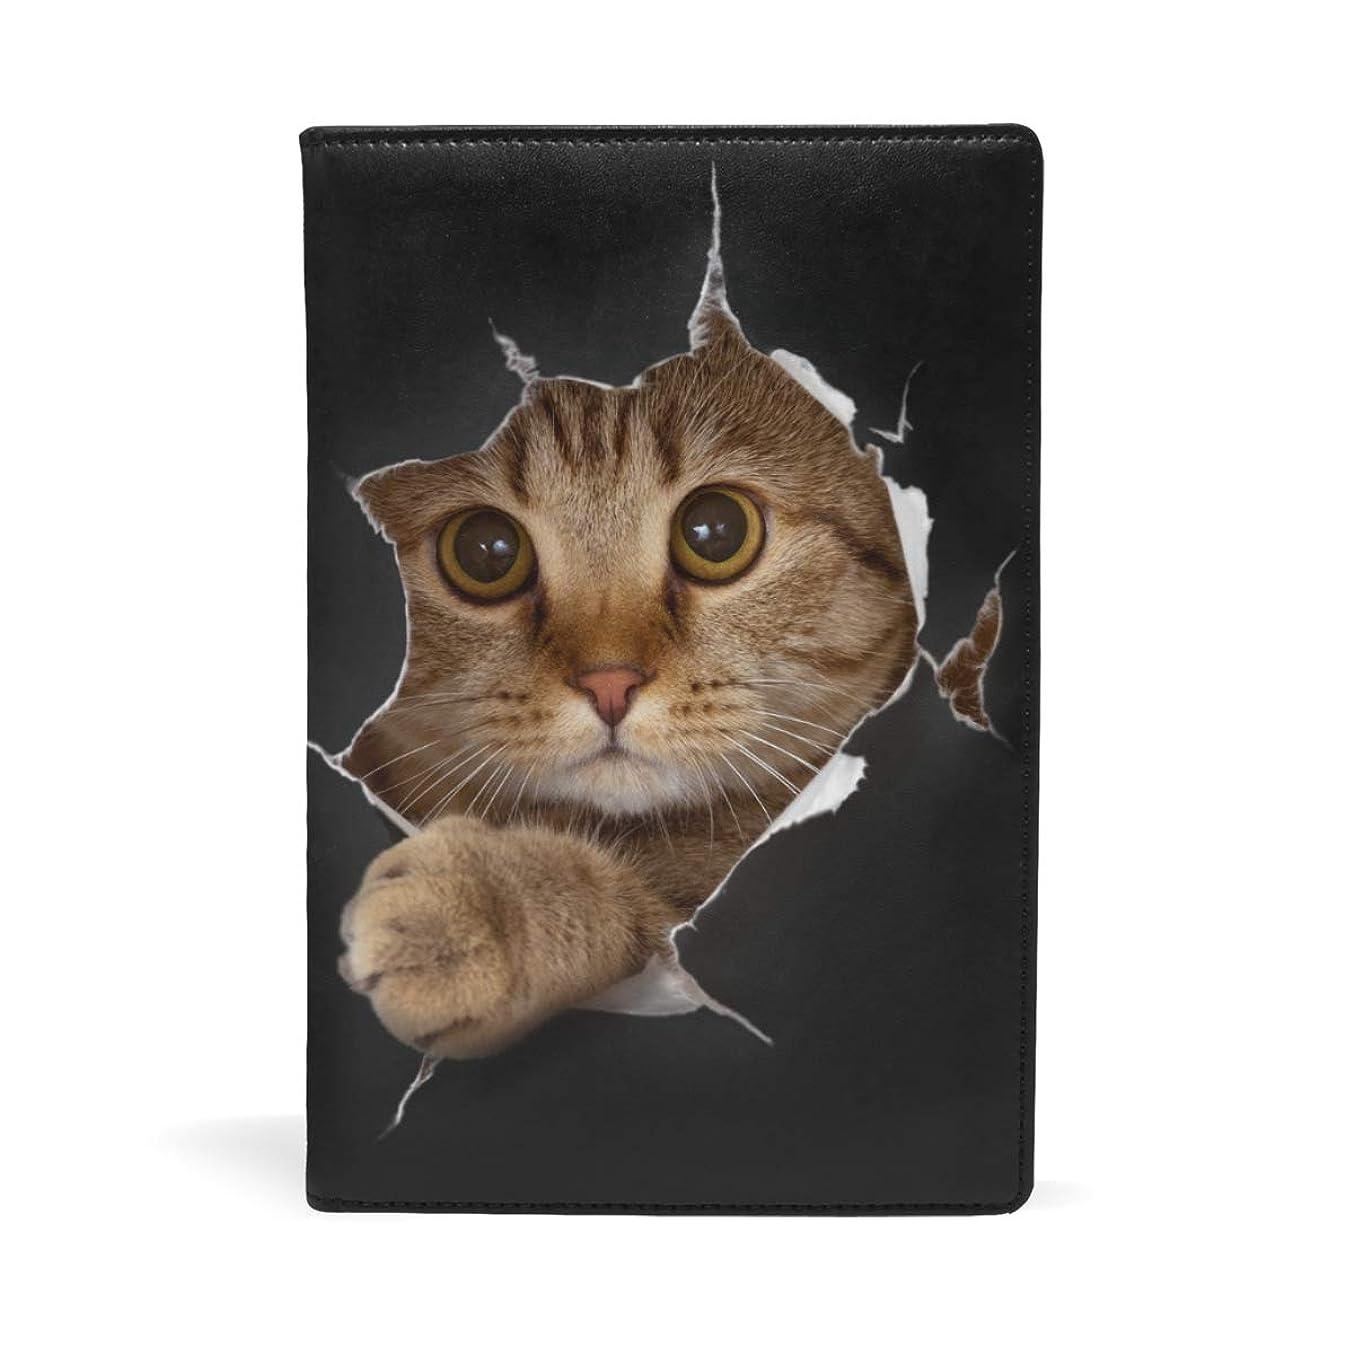 マンハッタン感謝祭備品ブックカバー 文庫 a5 皮革 新書 かわいい 本カバー ファイル 資料 収納入れ オフィス用品 読書 雑貨 プレゼント 猫柄 面白い 黒